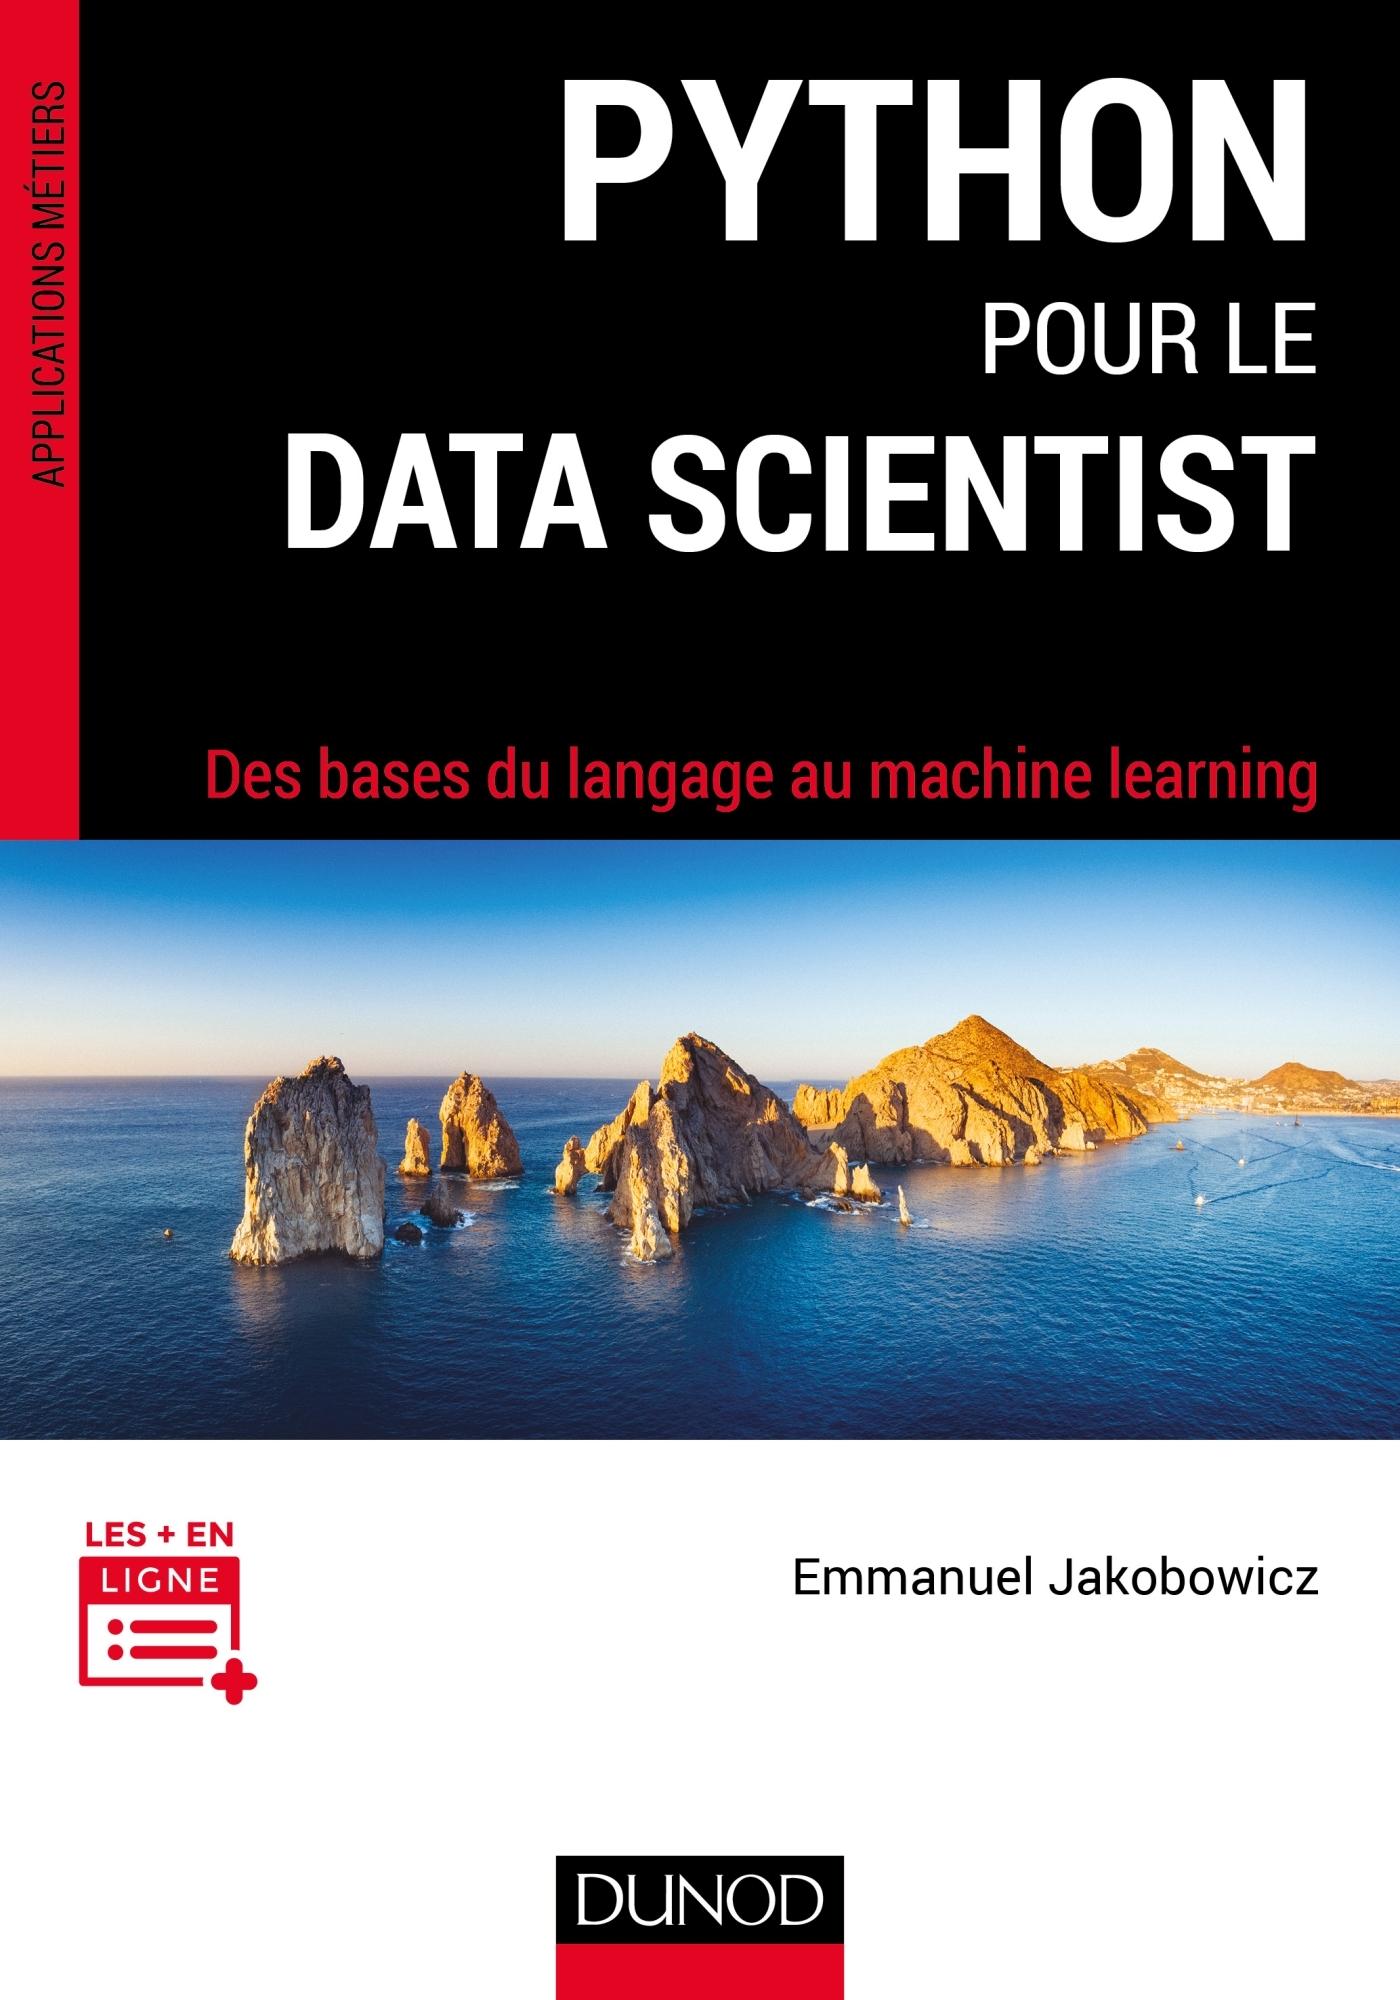 PYTHON POUR LE DATA SCIENTIST - DES BASES DU LANGAGE AU MACHINE LEARNING